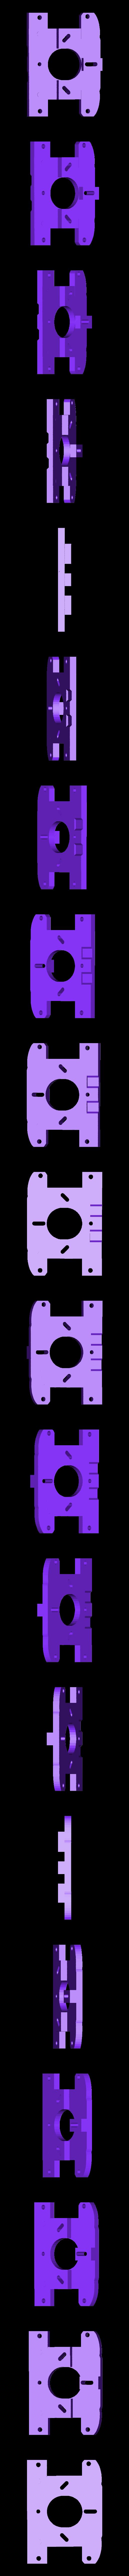 XAxis-MotorMount2_1v1-wide2.stl Télécharger fichier STL gratuit Huxley chariot large für Arcol.hu Hot-end • Plan à imprimer en 3D, Steedrick